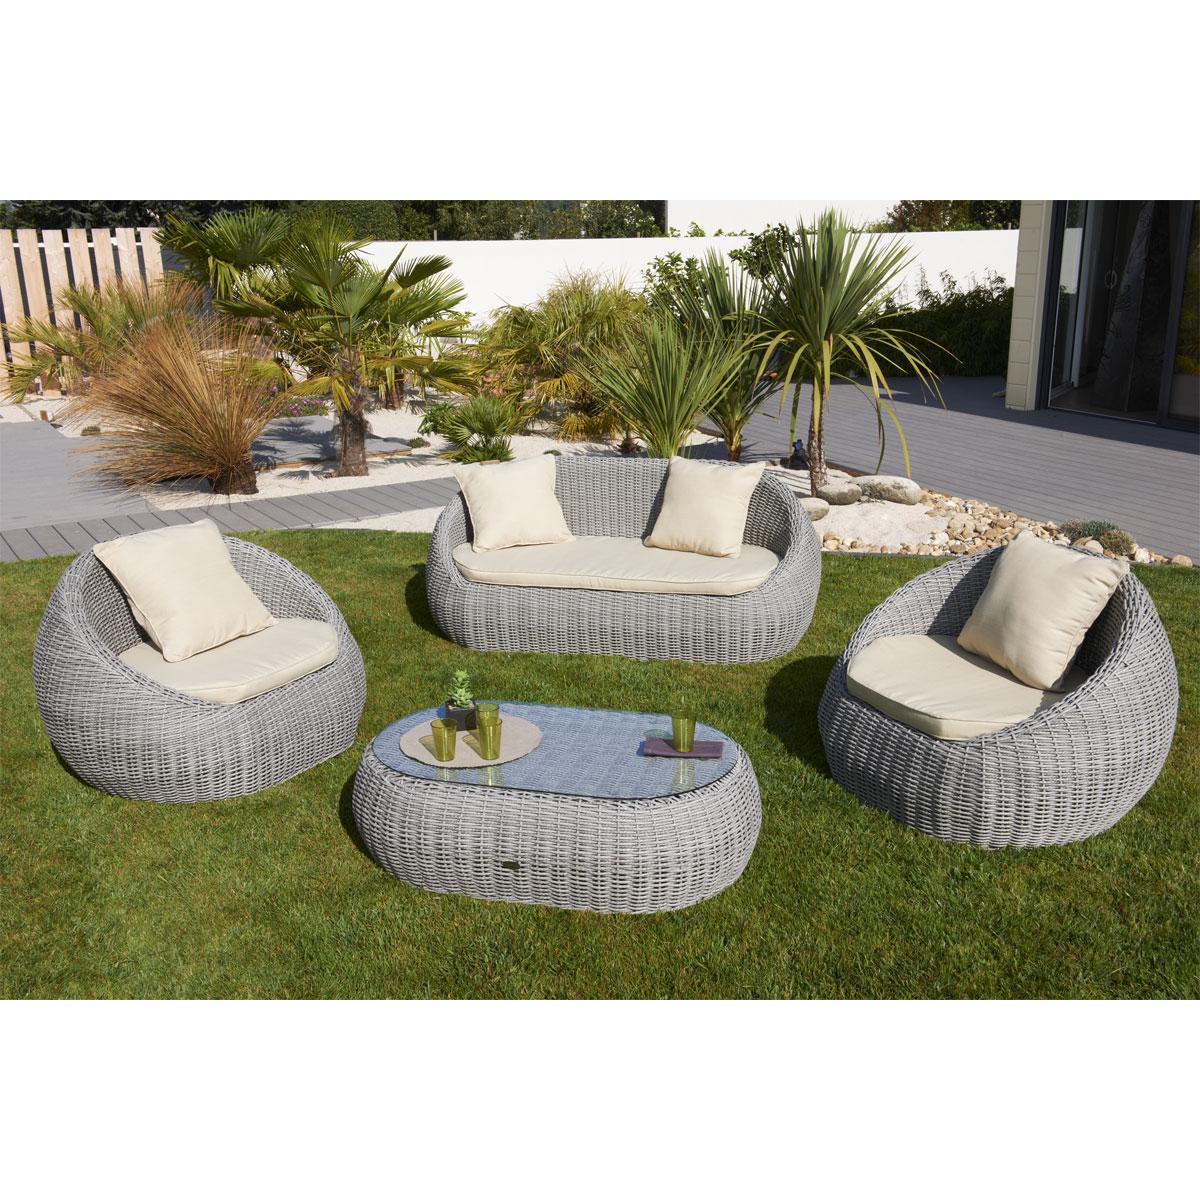 Salon de jardin bas ikea - Jardin piscine et Cabane